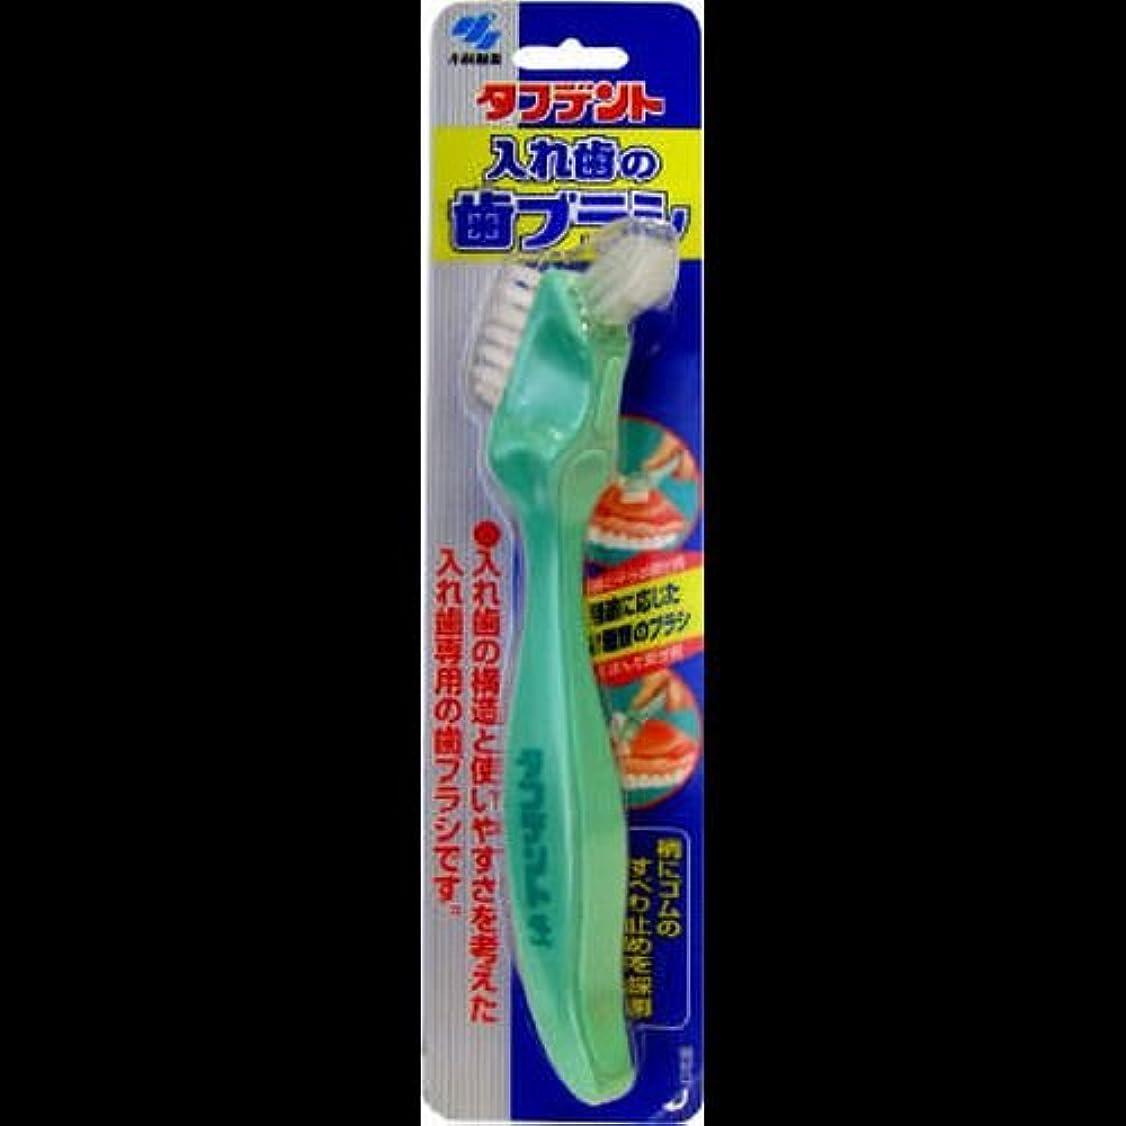 ひどいサンドイッチのどタフデント入れ歯の歯ブラシ 1本 ×2セット